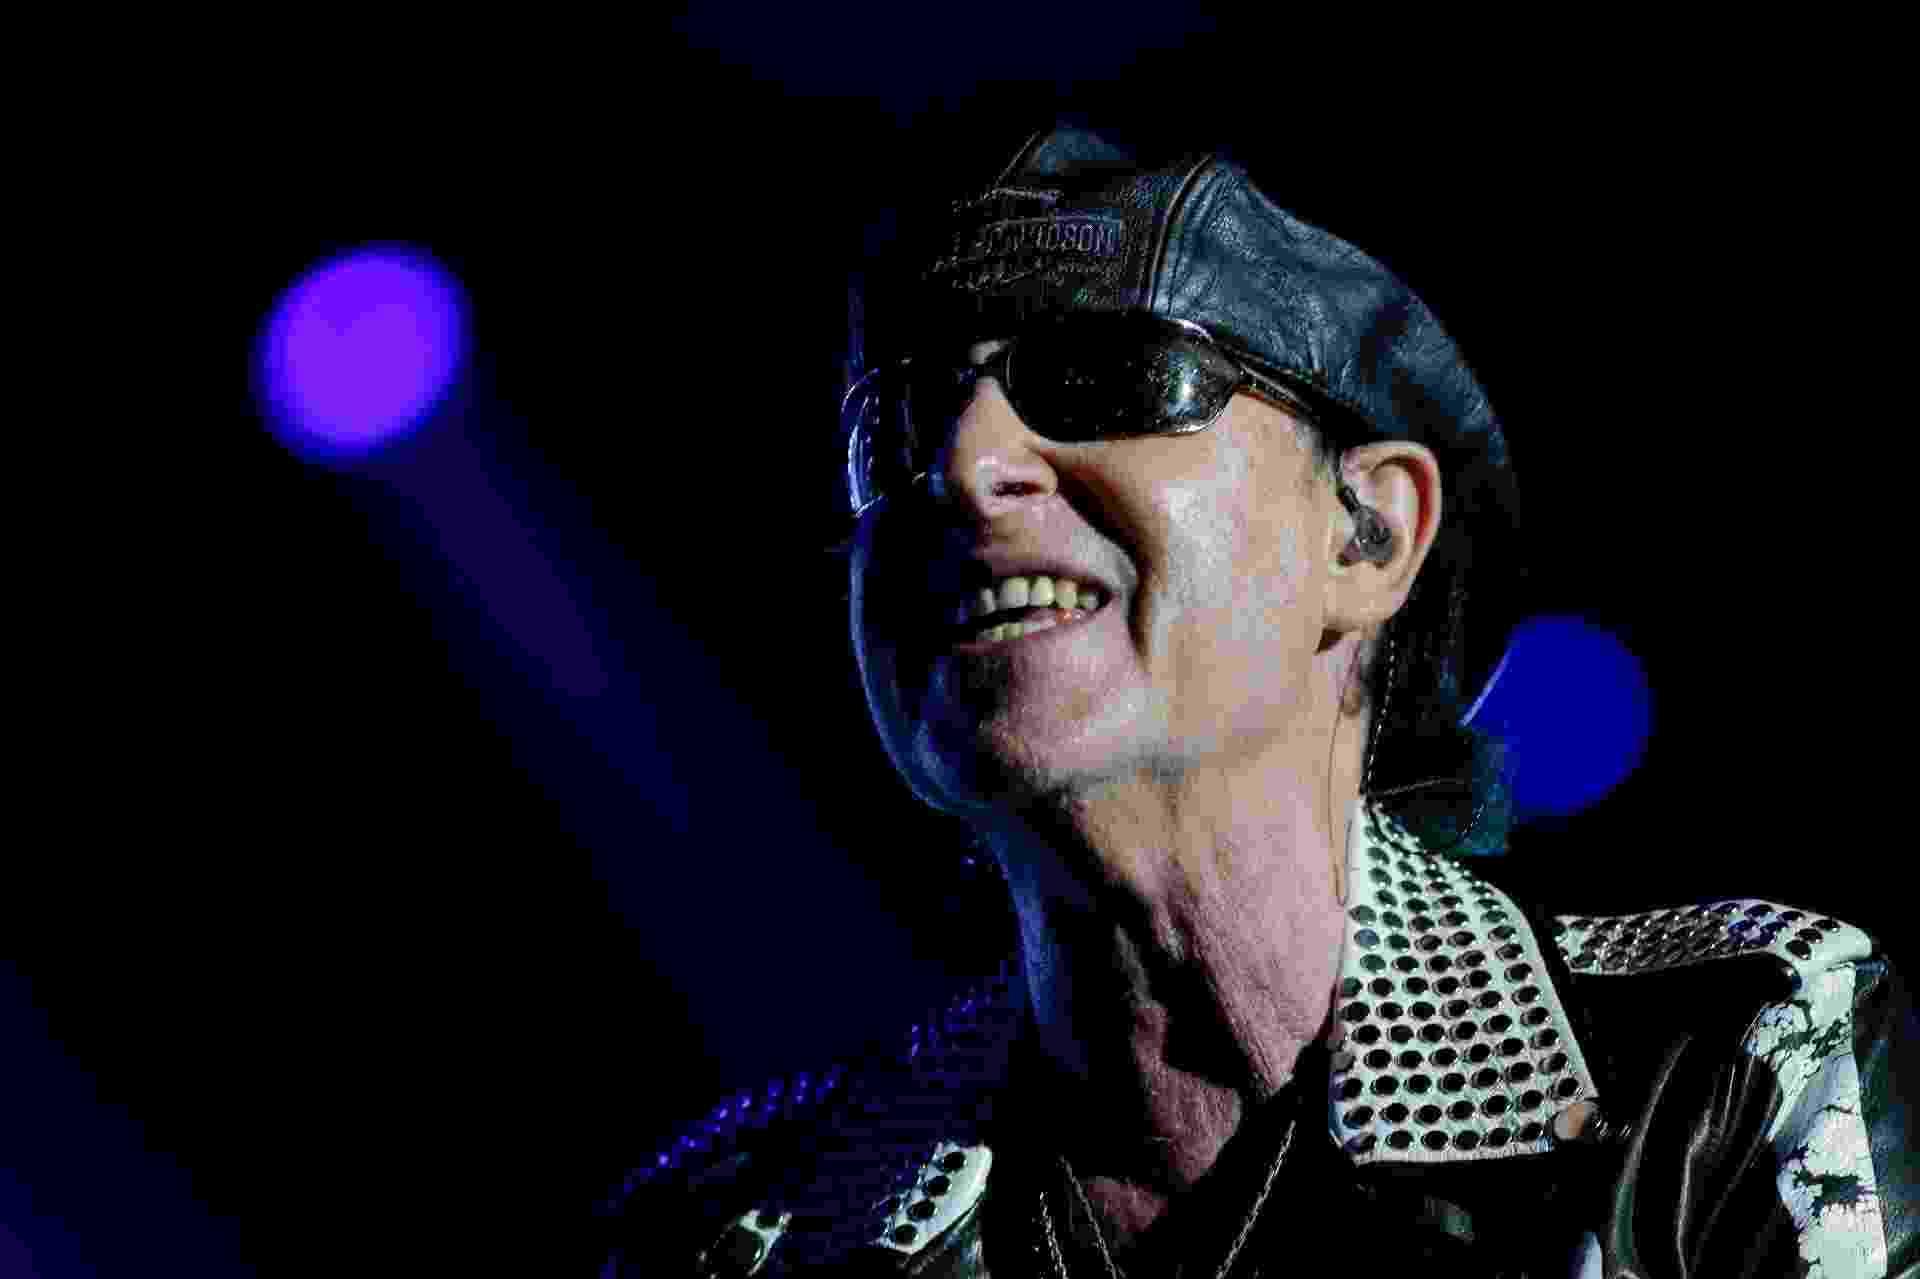 Vocalista do Scorpions, Klaus Meine, durante show no Rock in Rio - Rudy Trindade/FramePhoto/Estadão Conteúdo